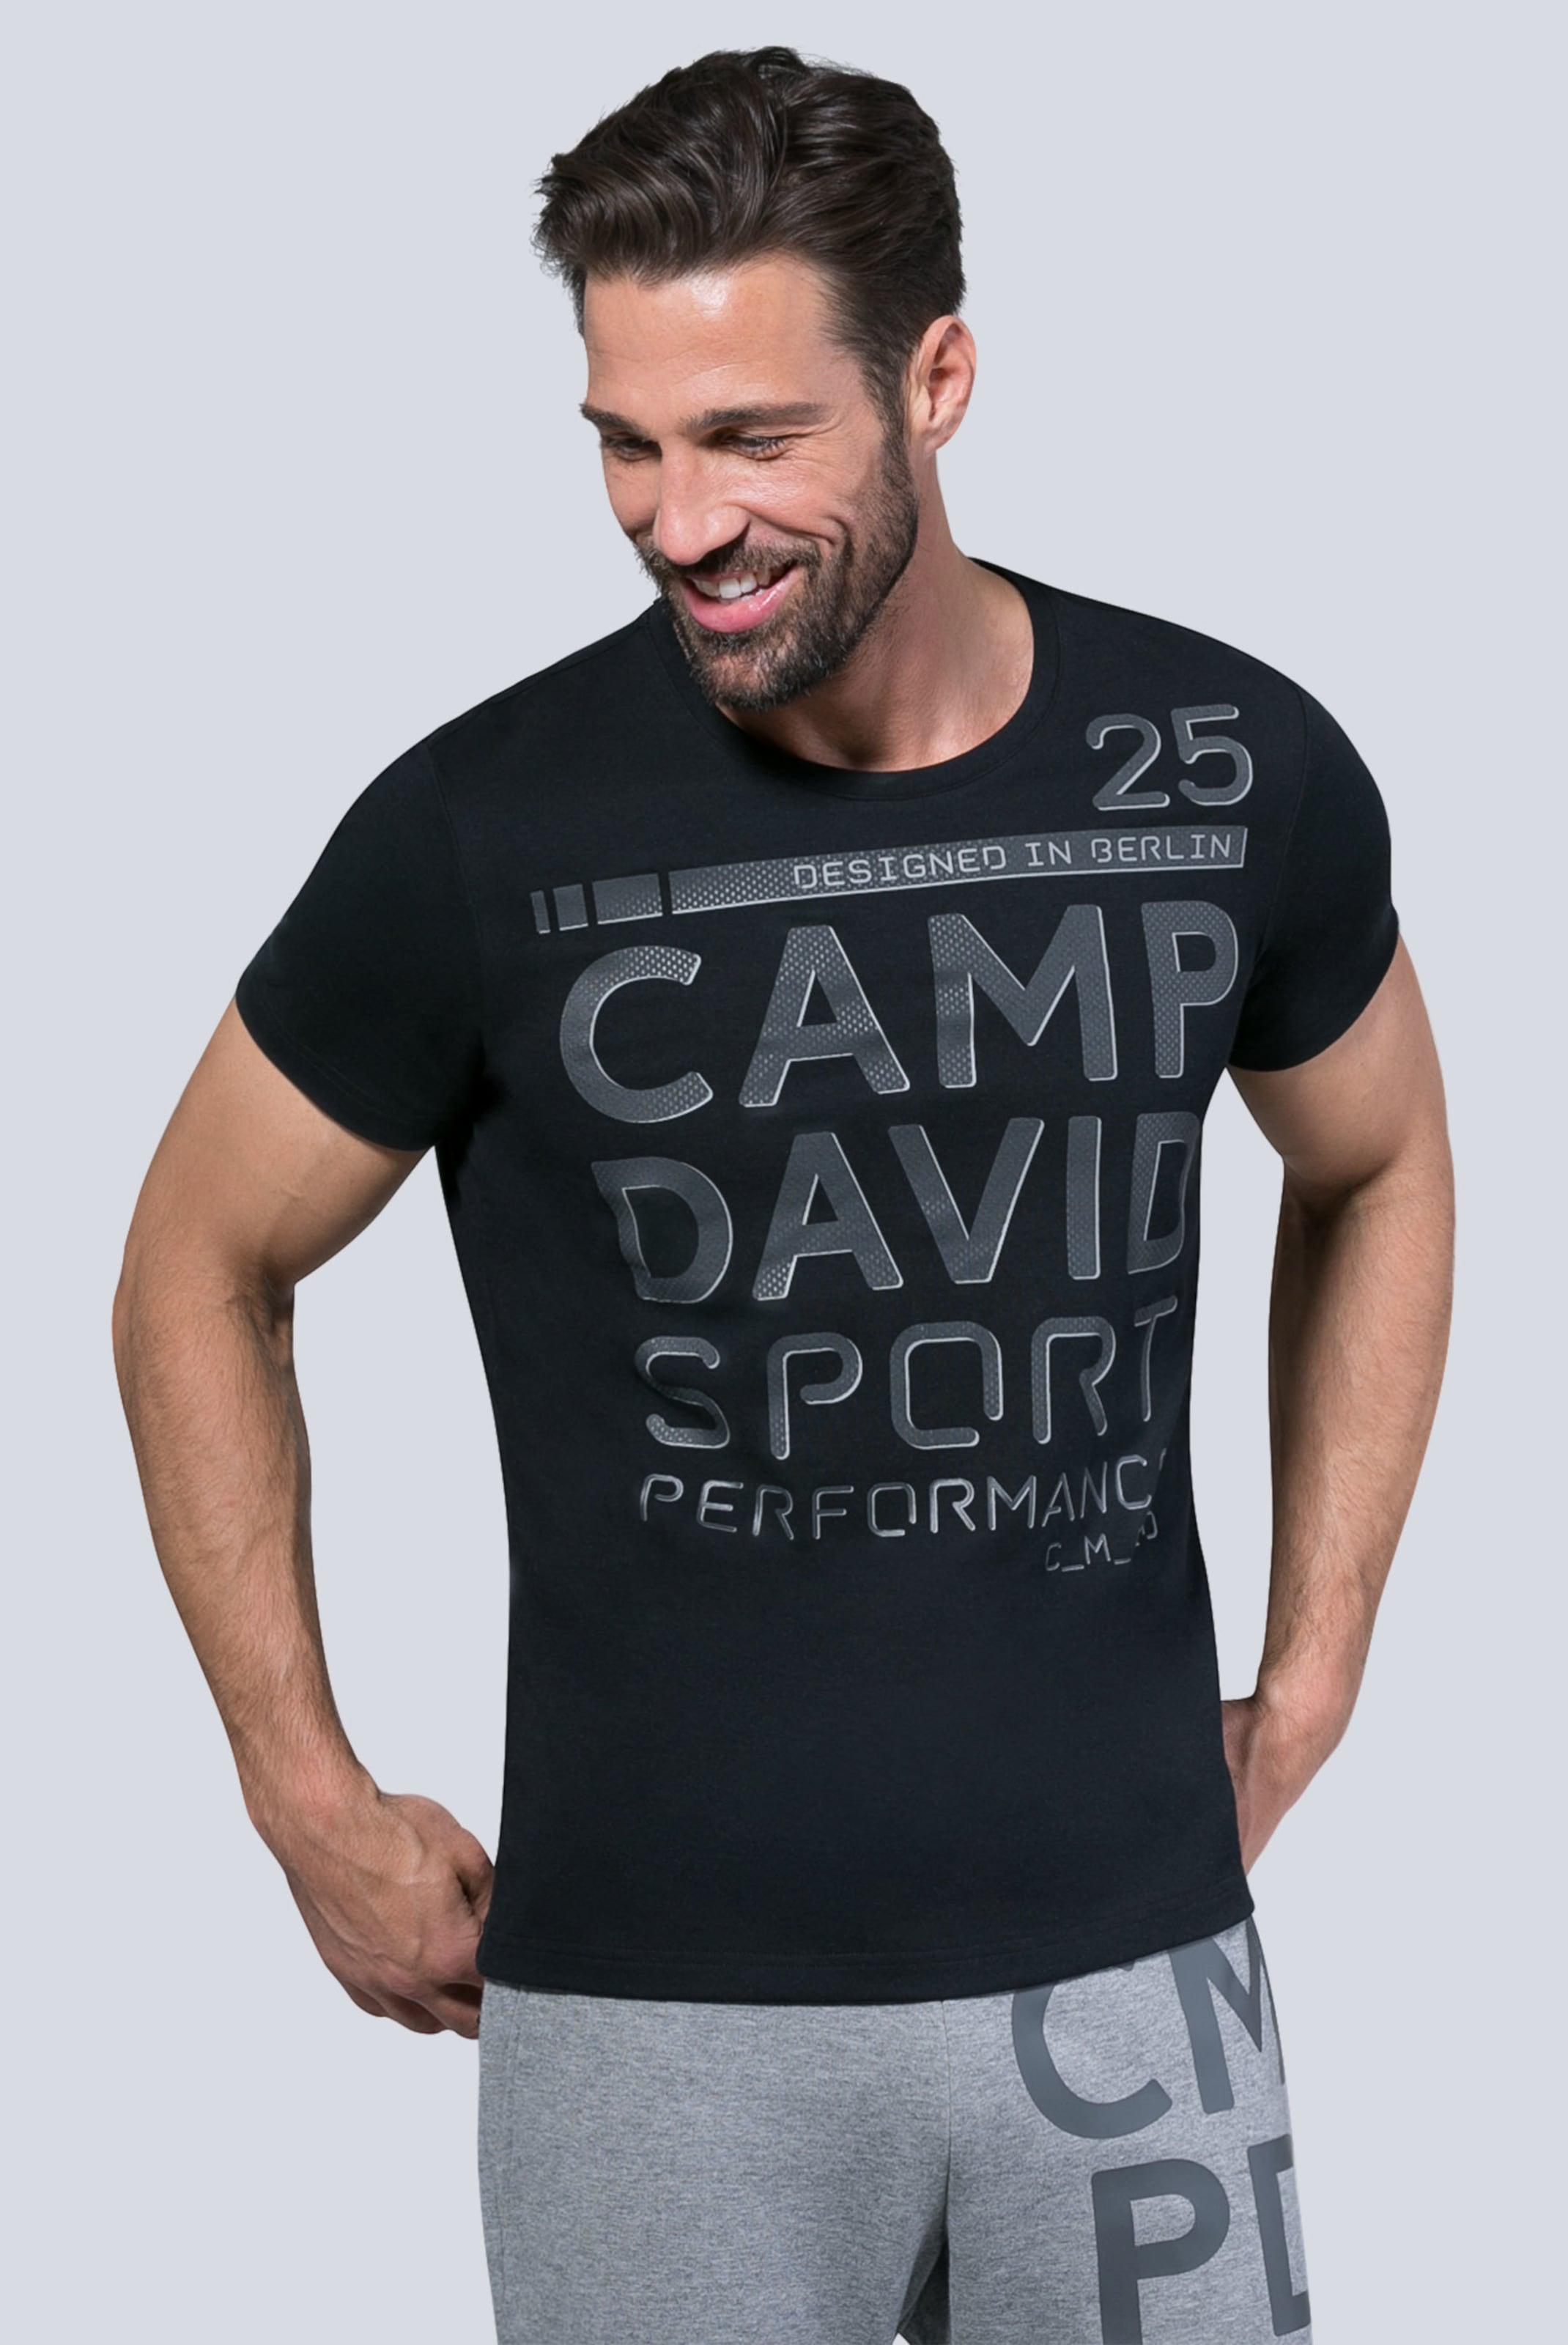 Camp David Camp Shirt In In Schwarz In Schwarz Shirt Shirt Camp David David wZXPkN8n0O